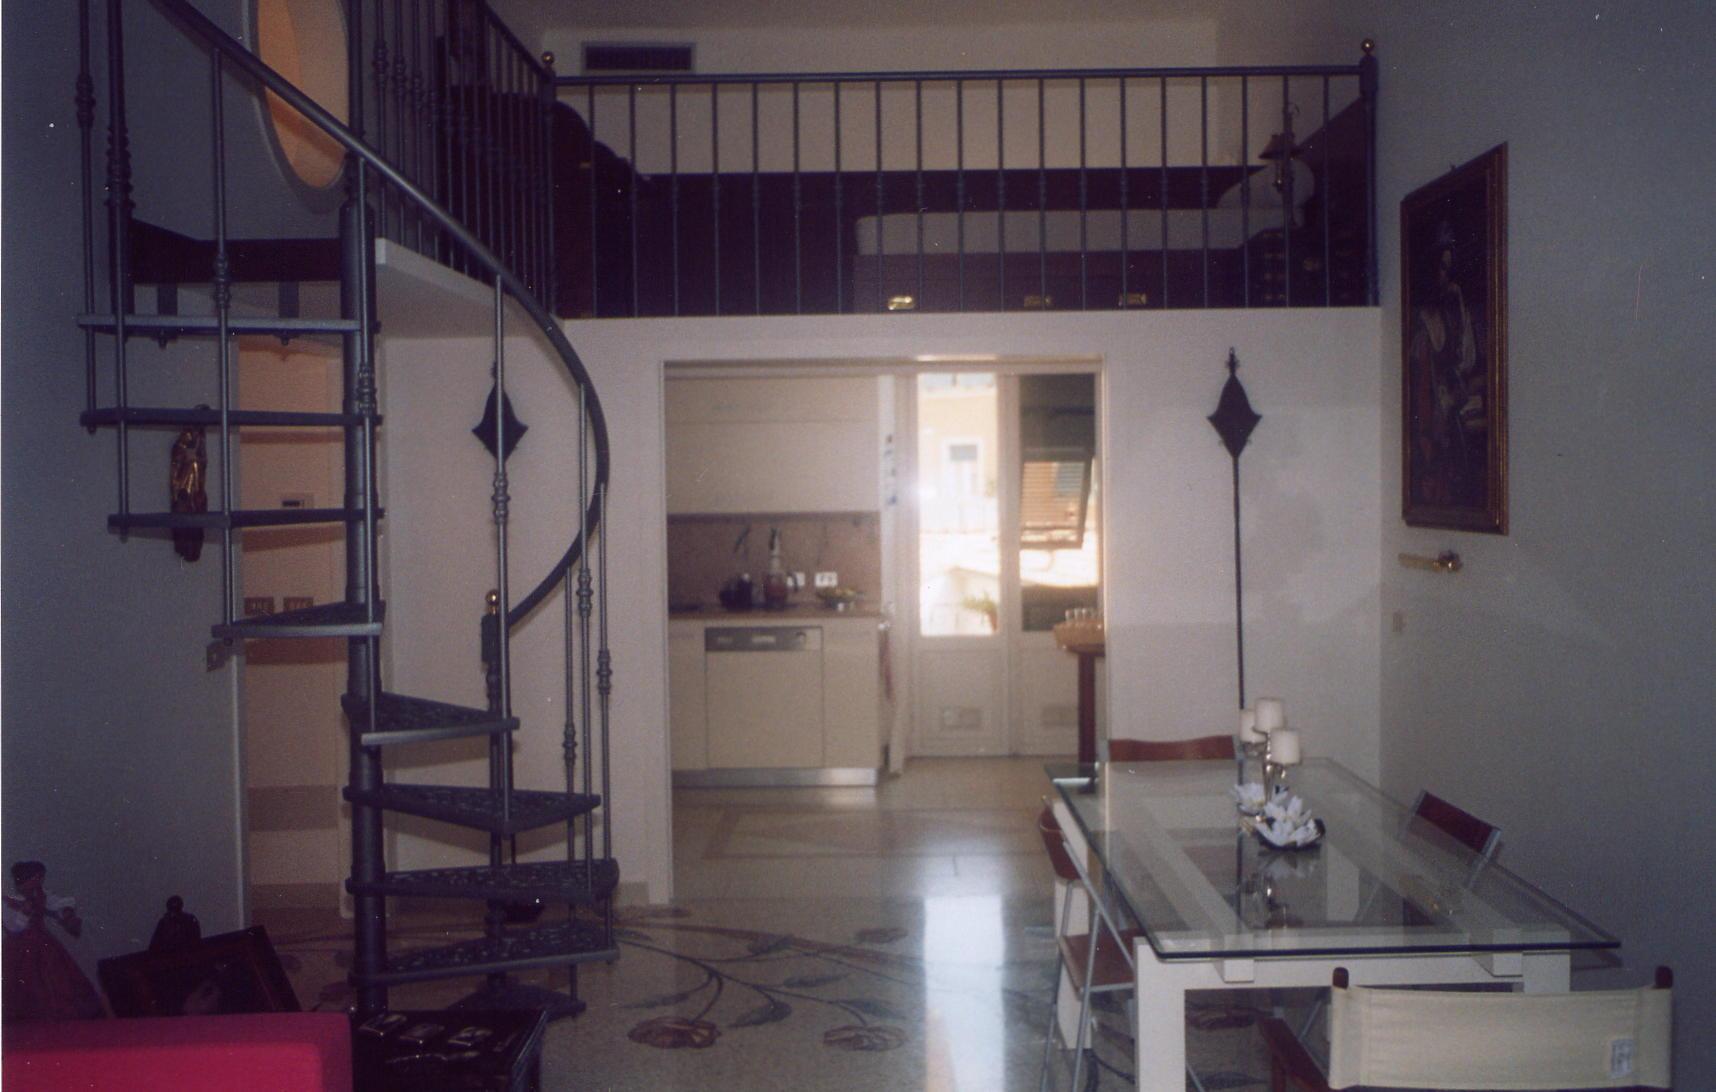 Galleria interni - Cucina con soppalco ...